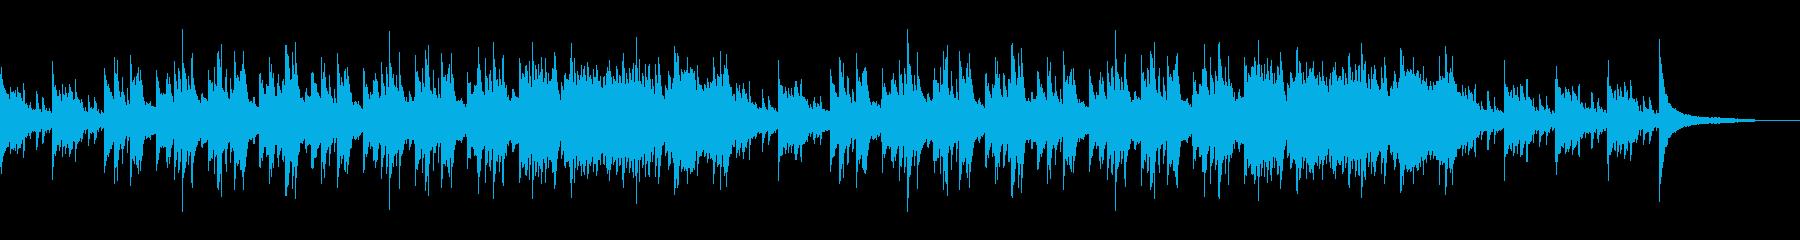 天気予報BGMに最適なピアノストリングスの再生済みの波形